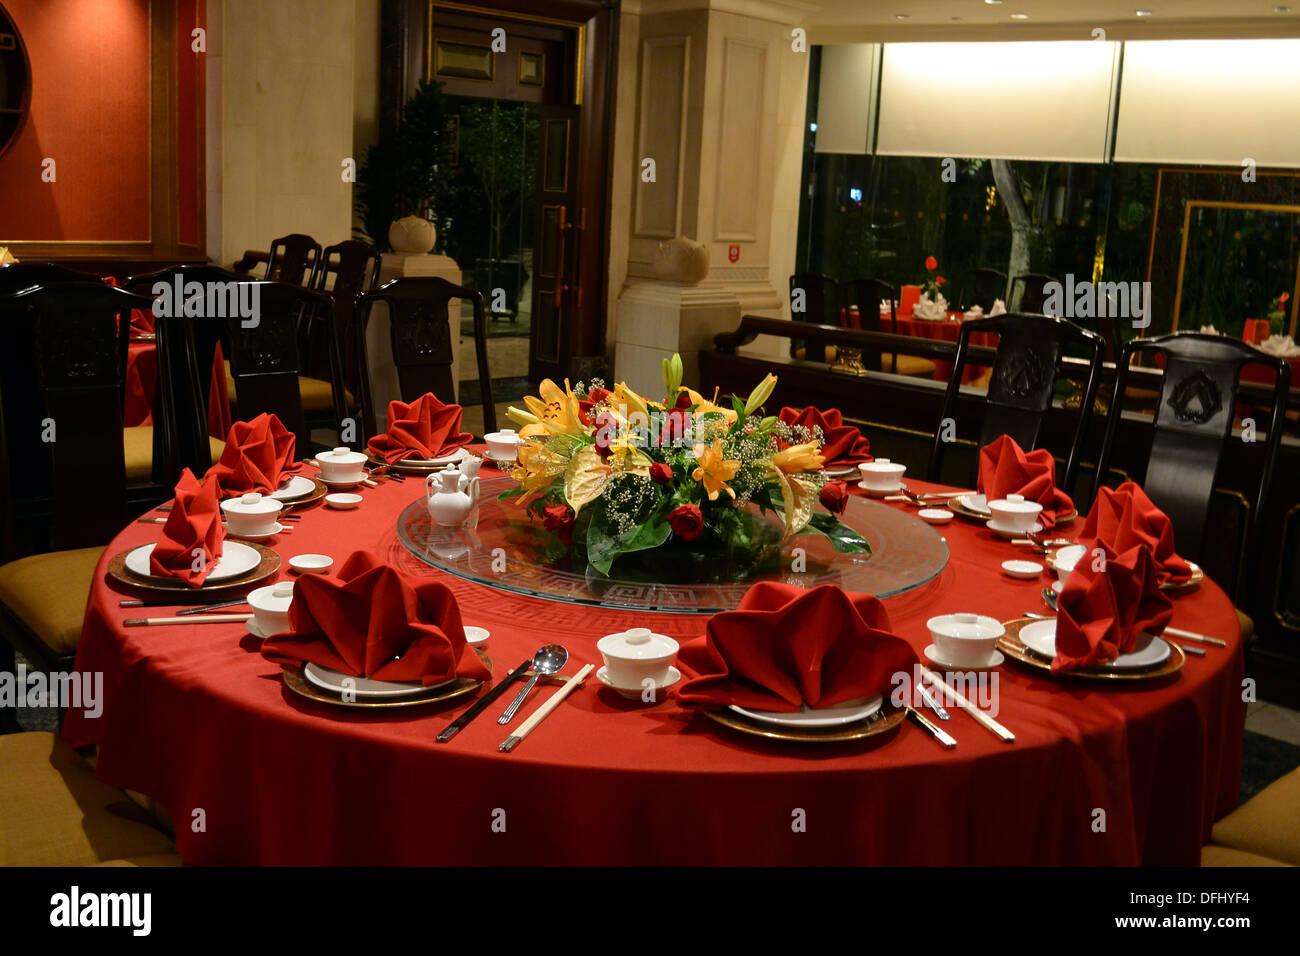 Die Einrichtung eines chinesischen Restaurants Stockfoto, Bild ...